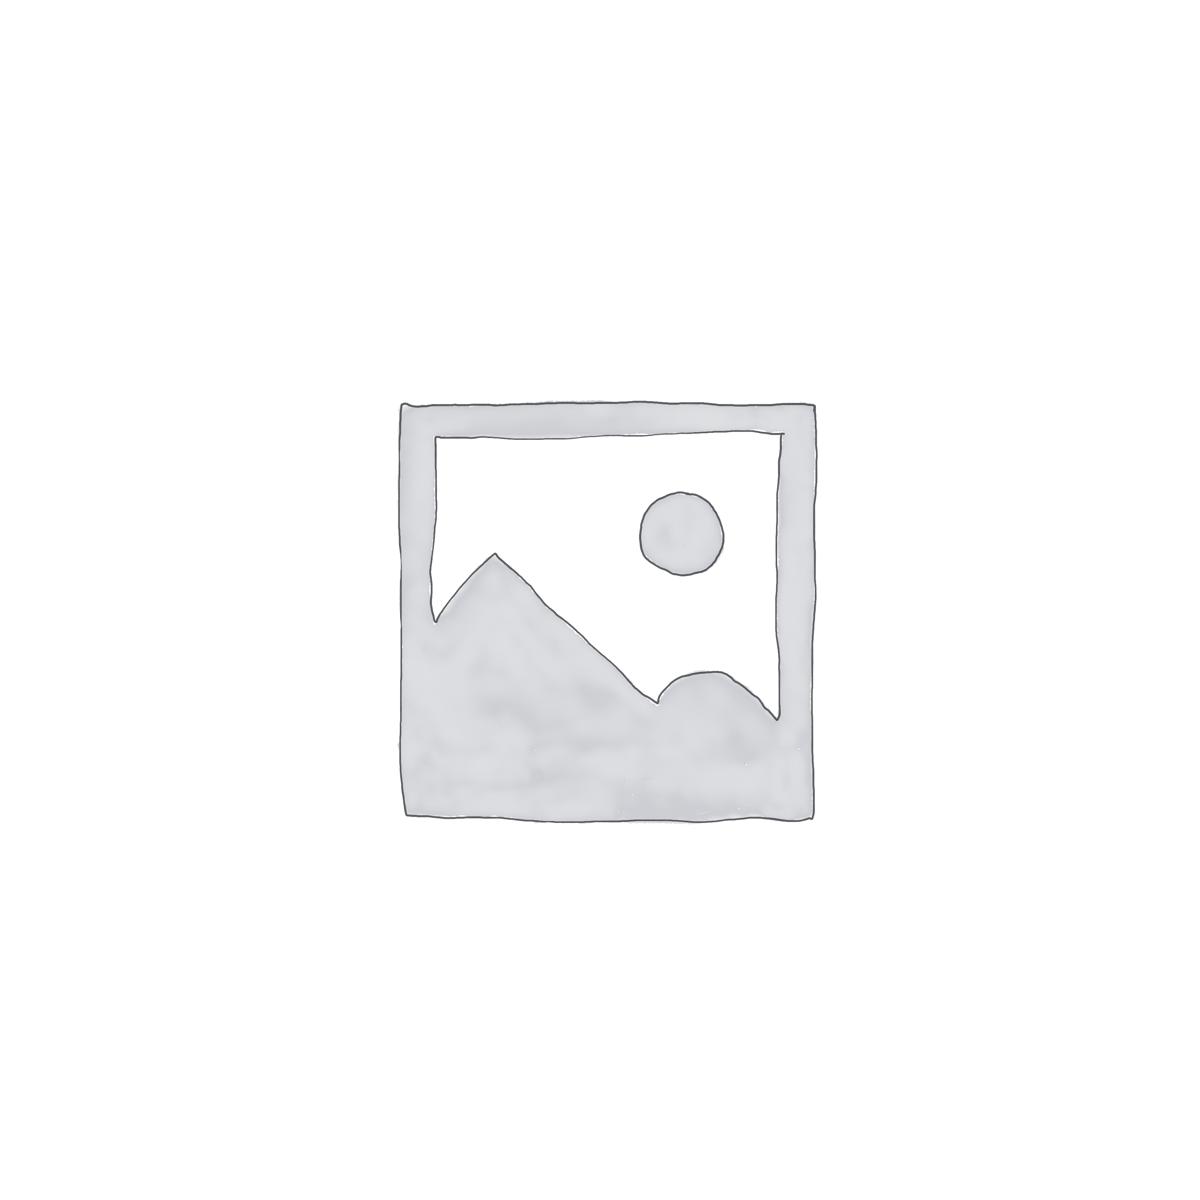 Colorful Tropical Banana Tree Wallpaper Mural